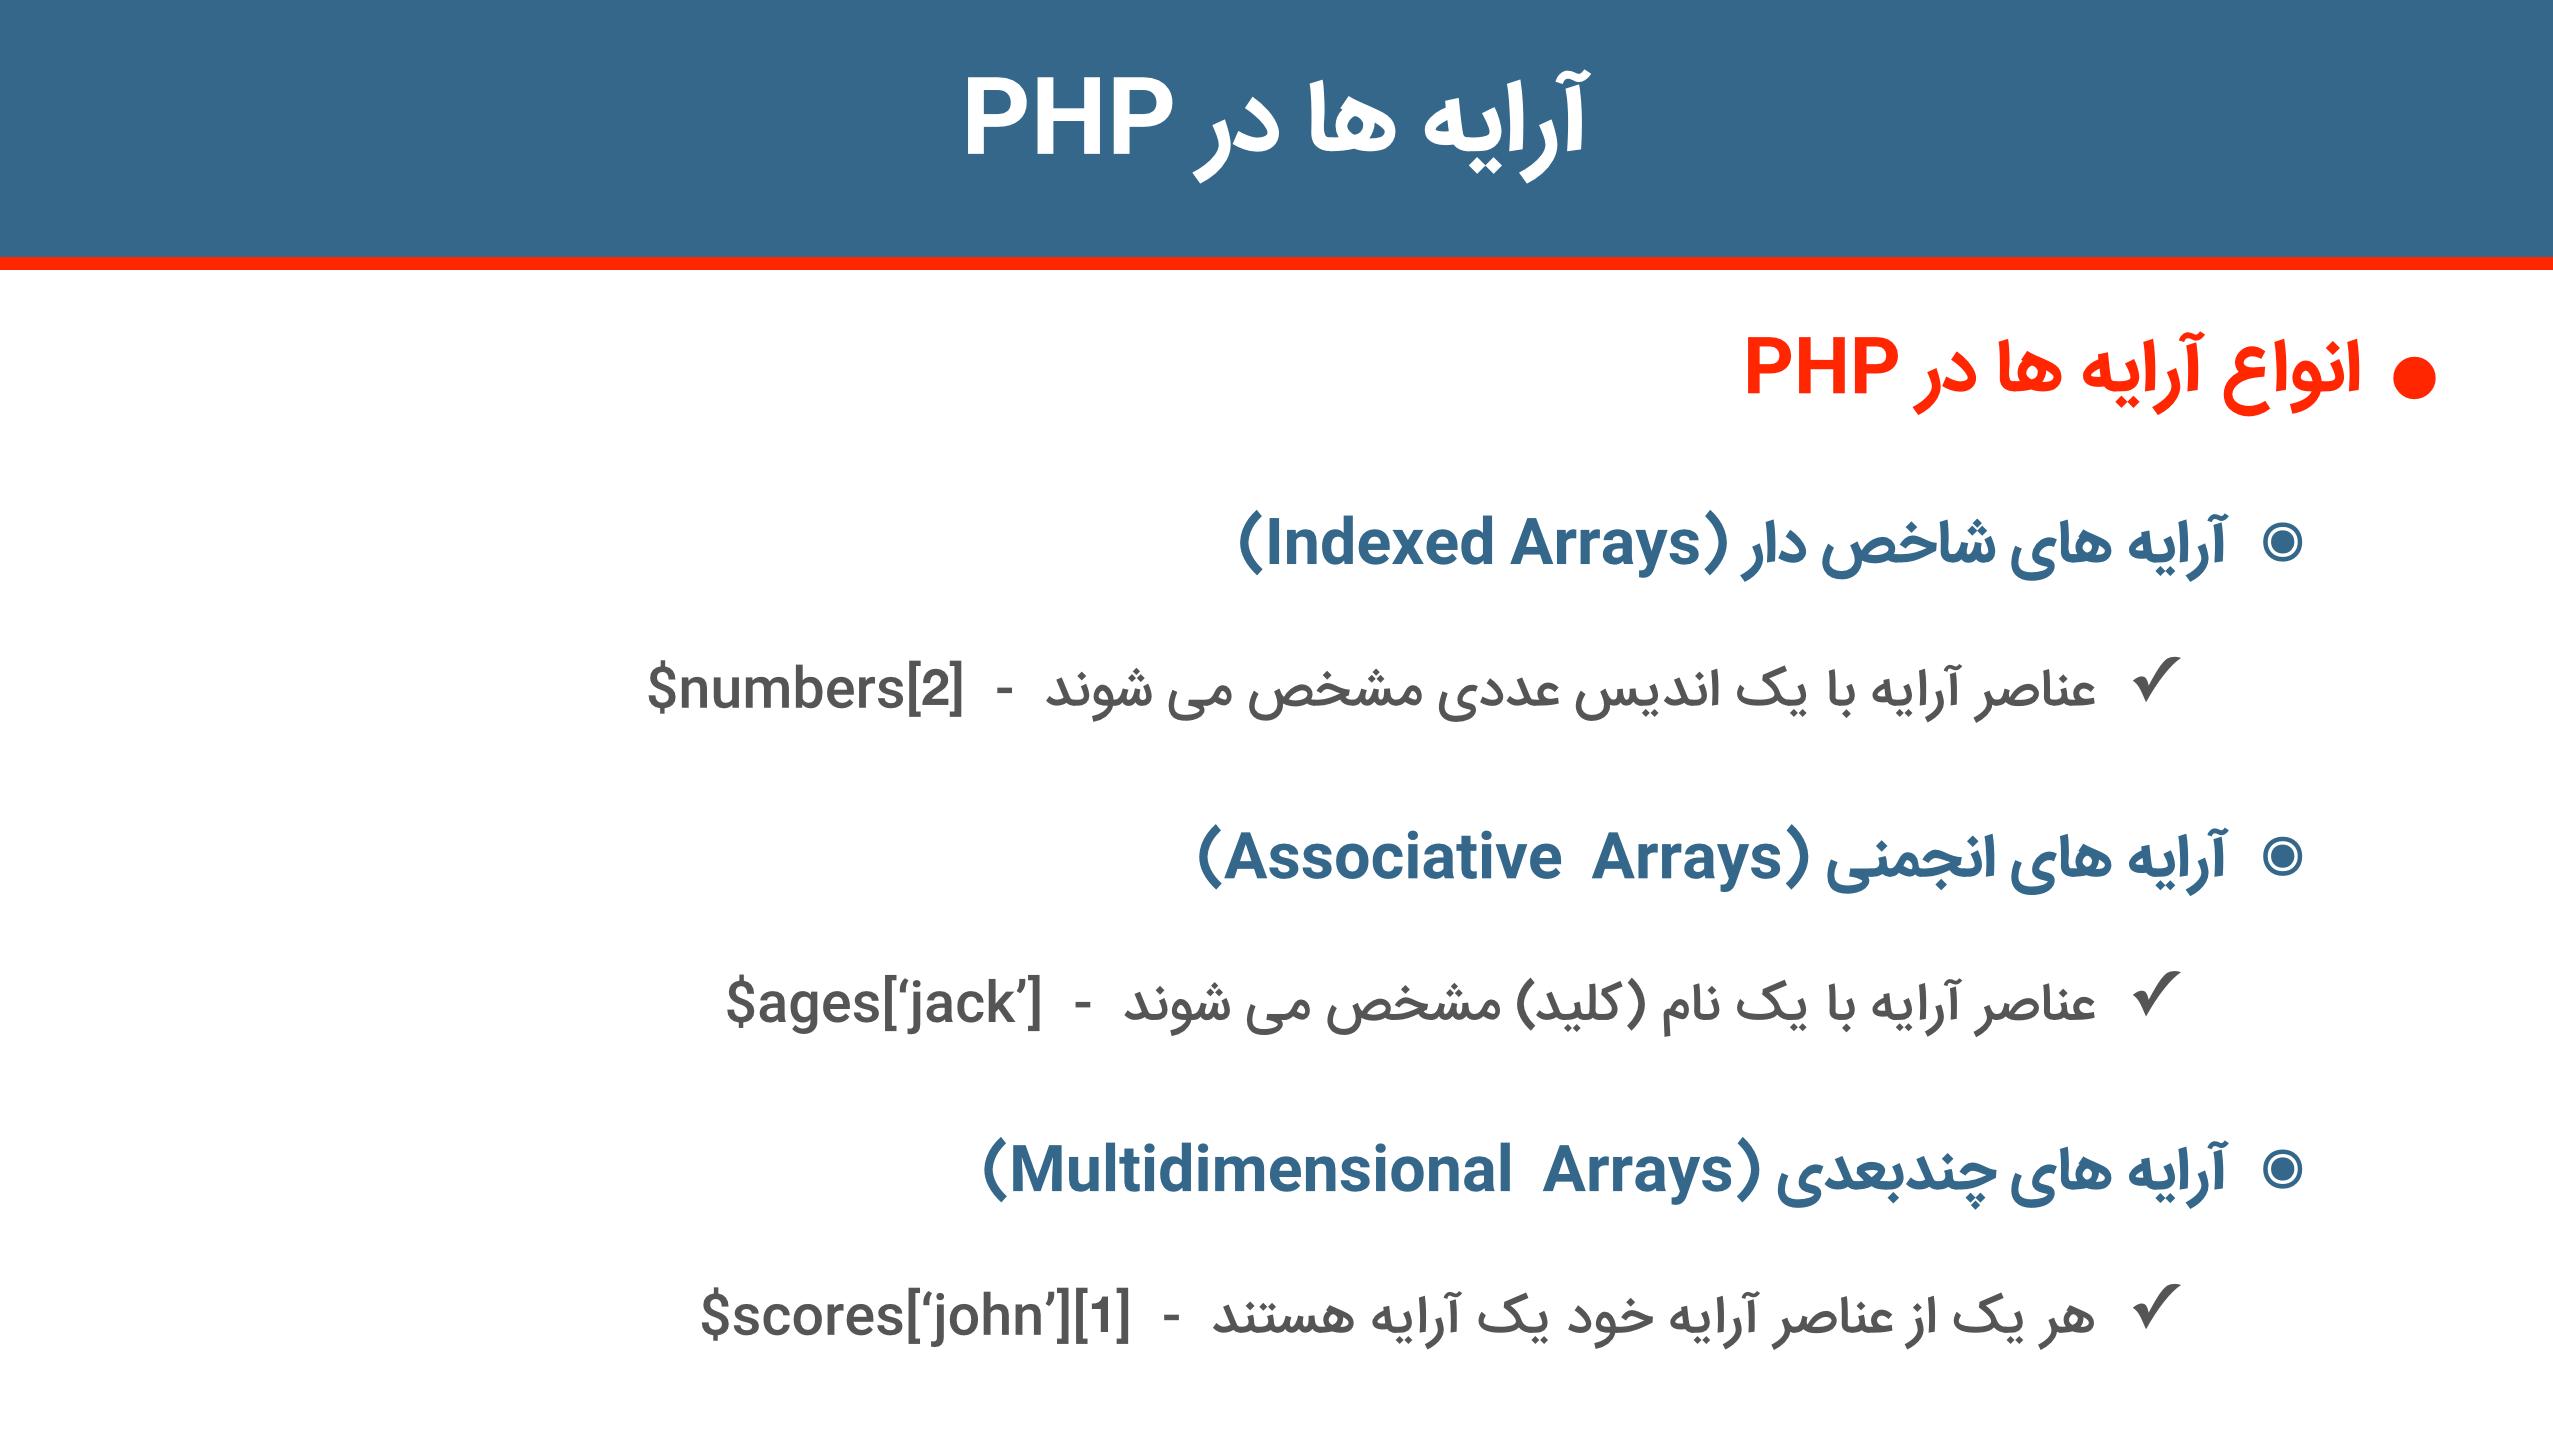 انواع آرایه ها در PHP | آرایه ها در PHP | آموزش برنامه نویسی به زبان PHP | حرفه ای و متفاوت بیاموزید